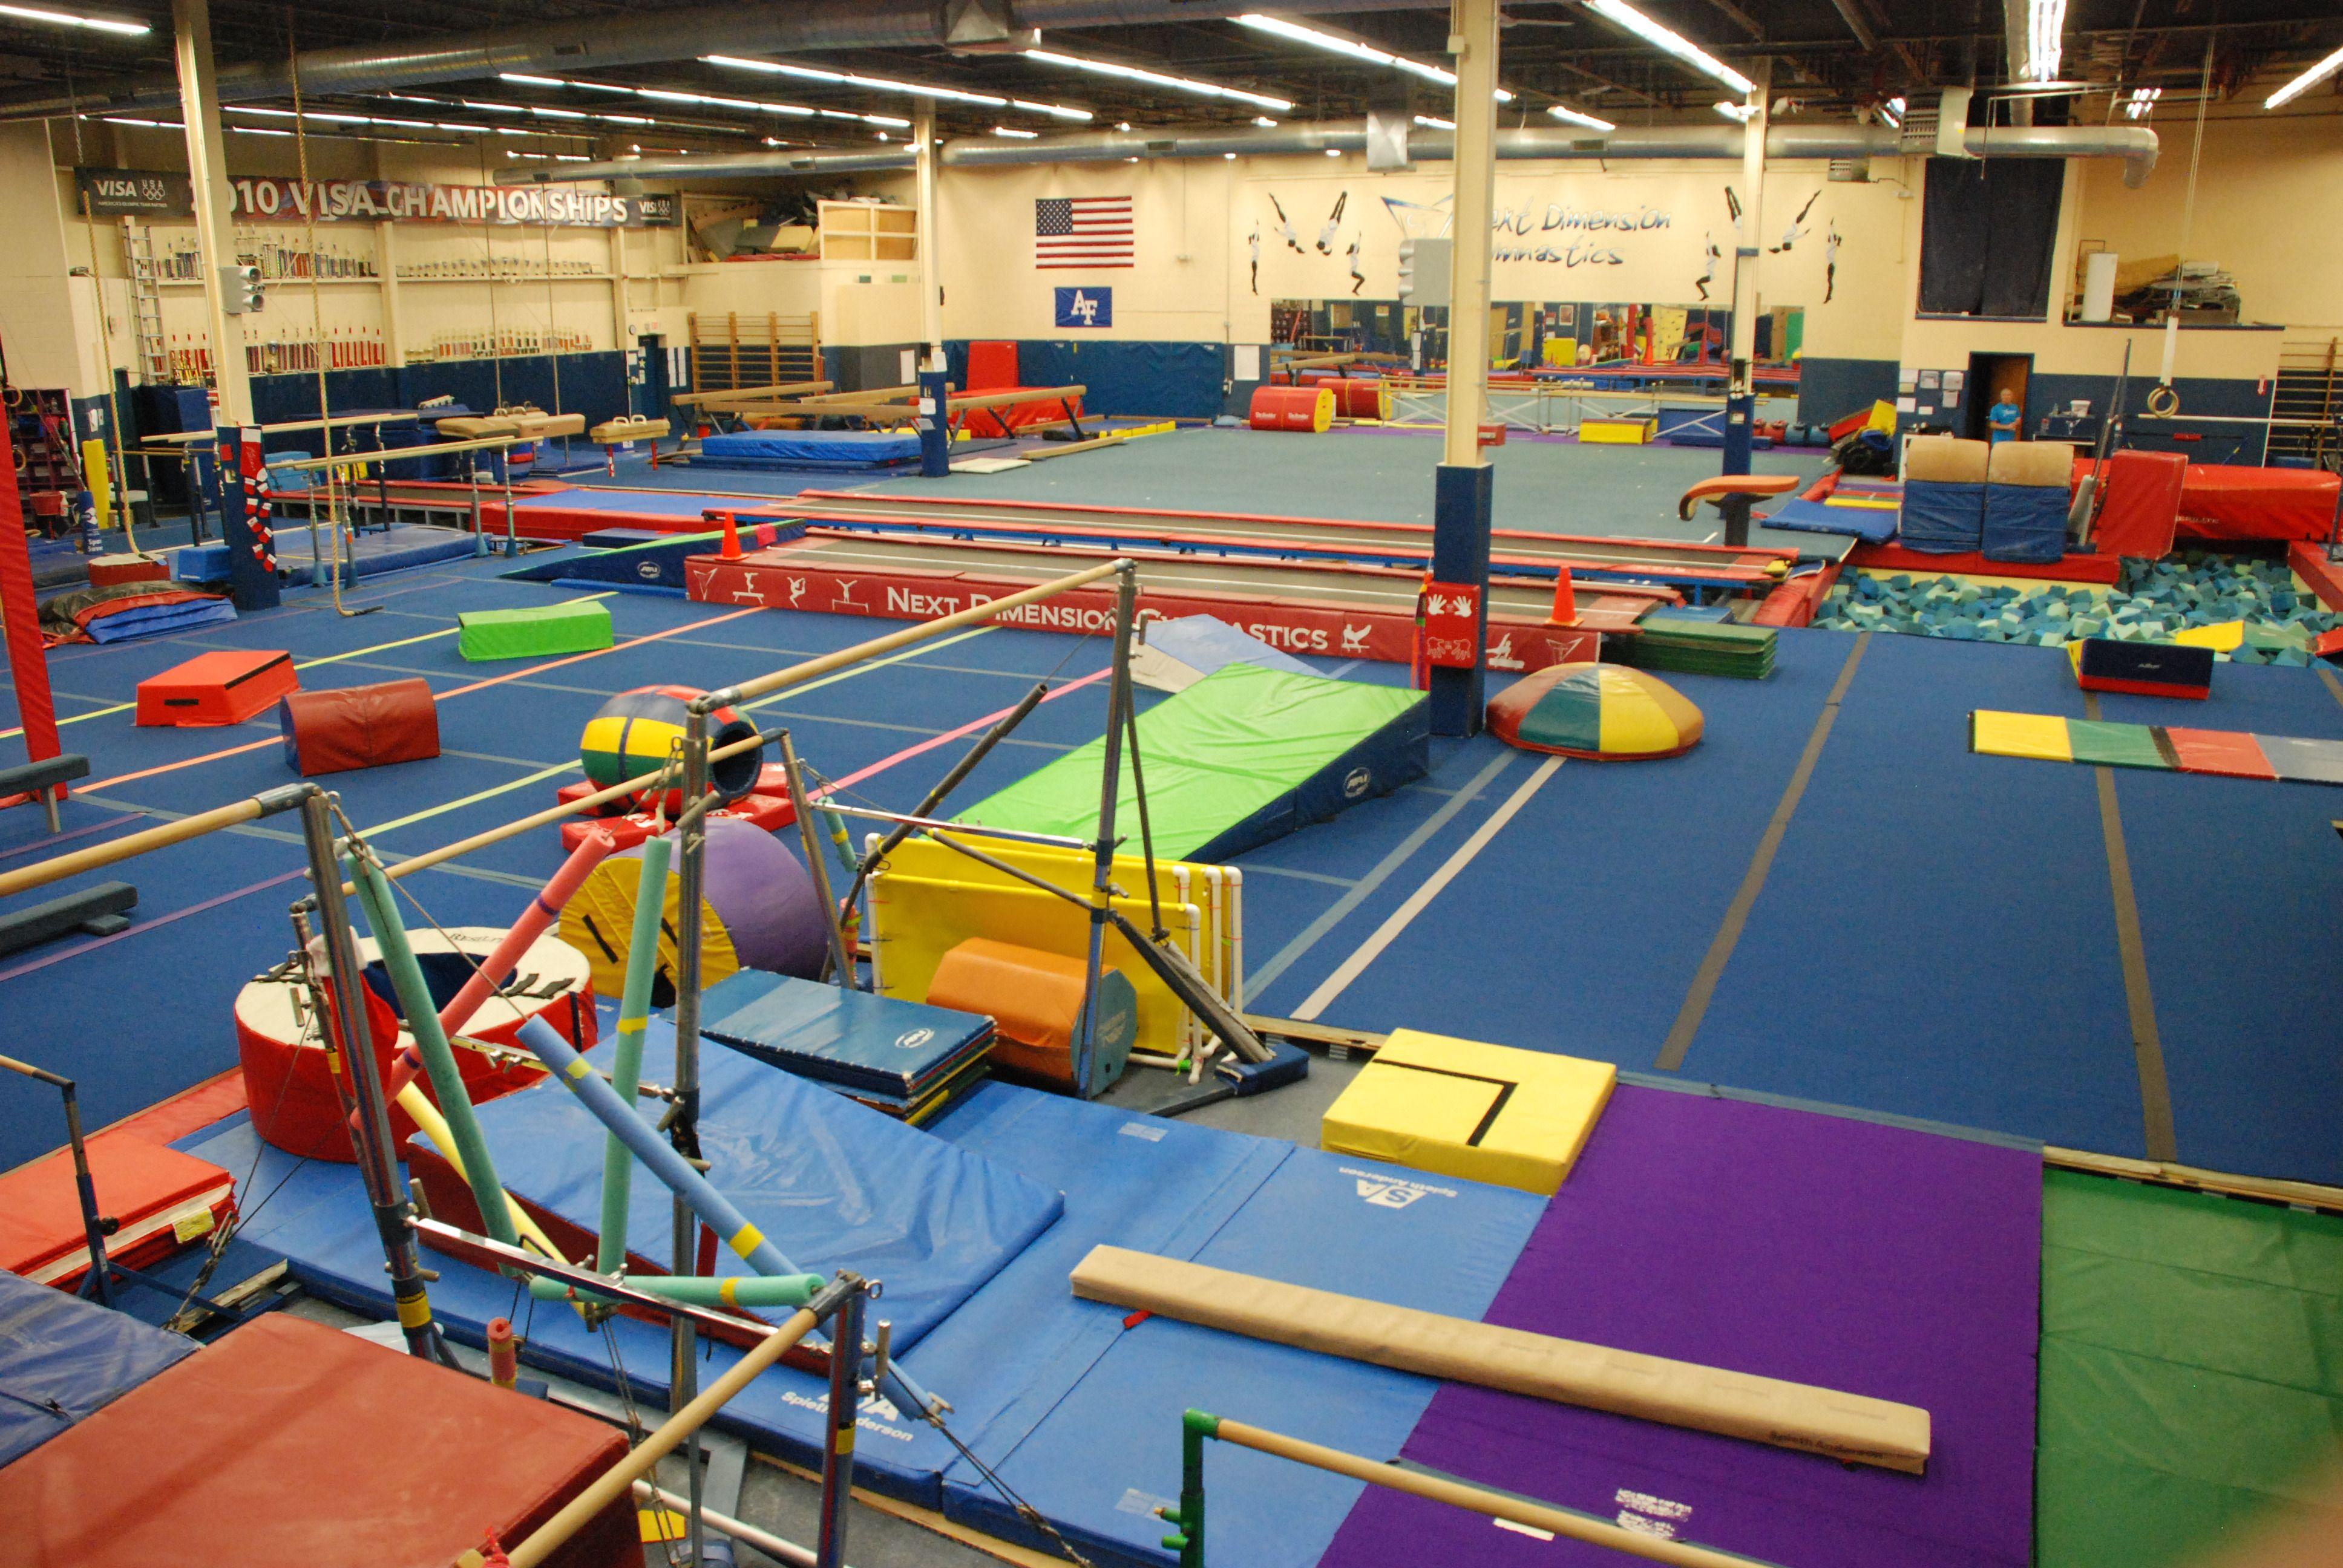 Gymnastics trumbull ct gymnastic classes summer camp